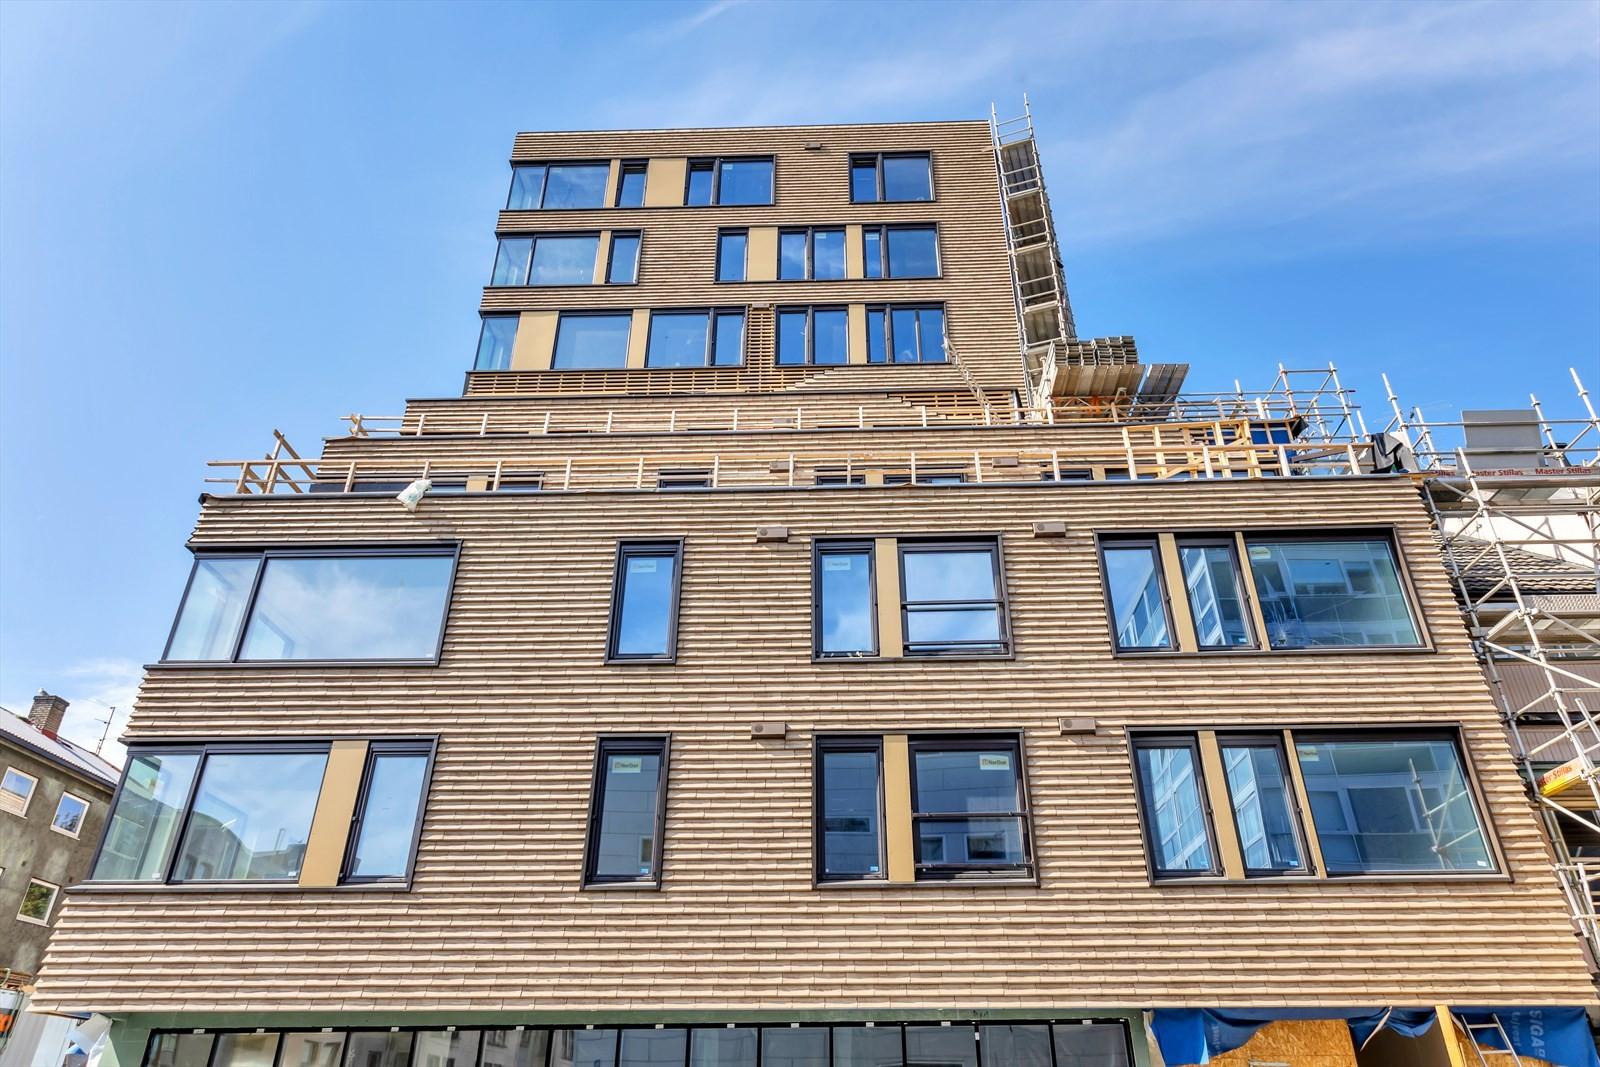 Ny bolig blokk i sentrum med 35 selveierleiligheter - med næringsareal i 1.etasje - Og egen felles hybelleilighet. Adkomst fra syd i 2.etasje og nord mot Kongsparken i 3.etasje